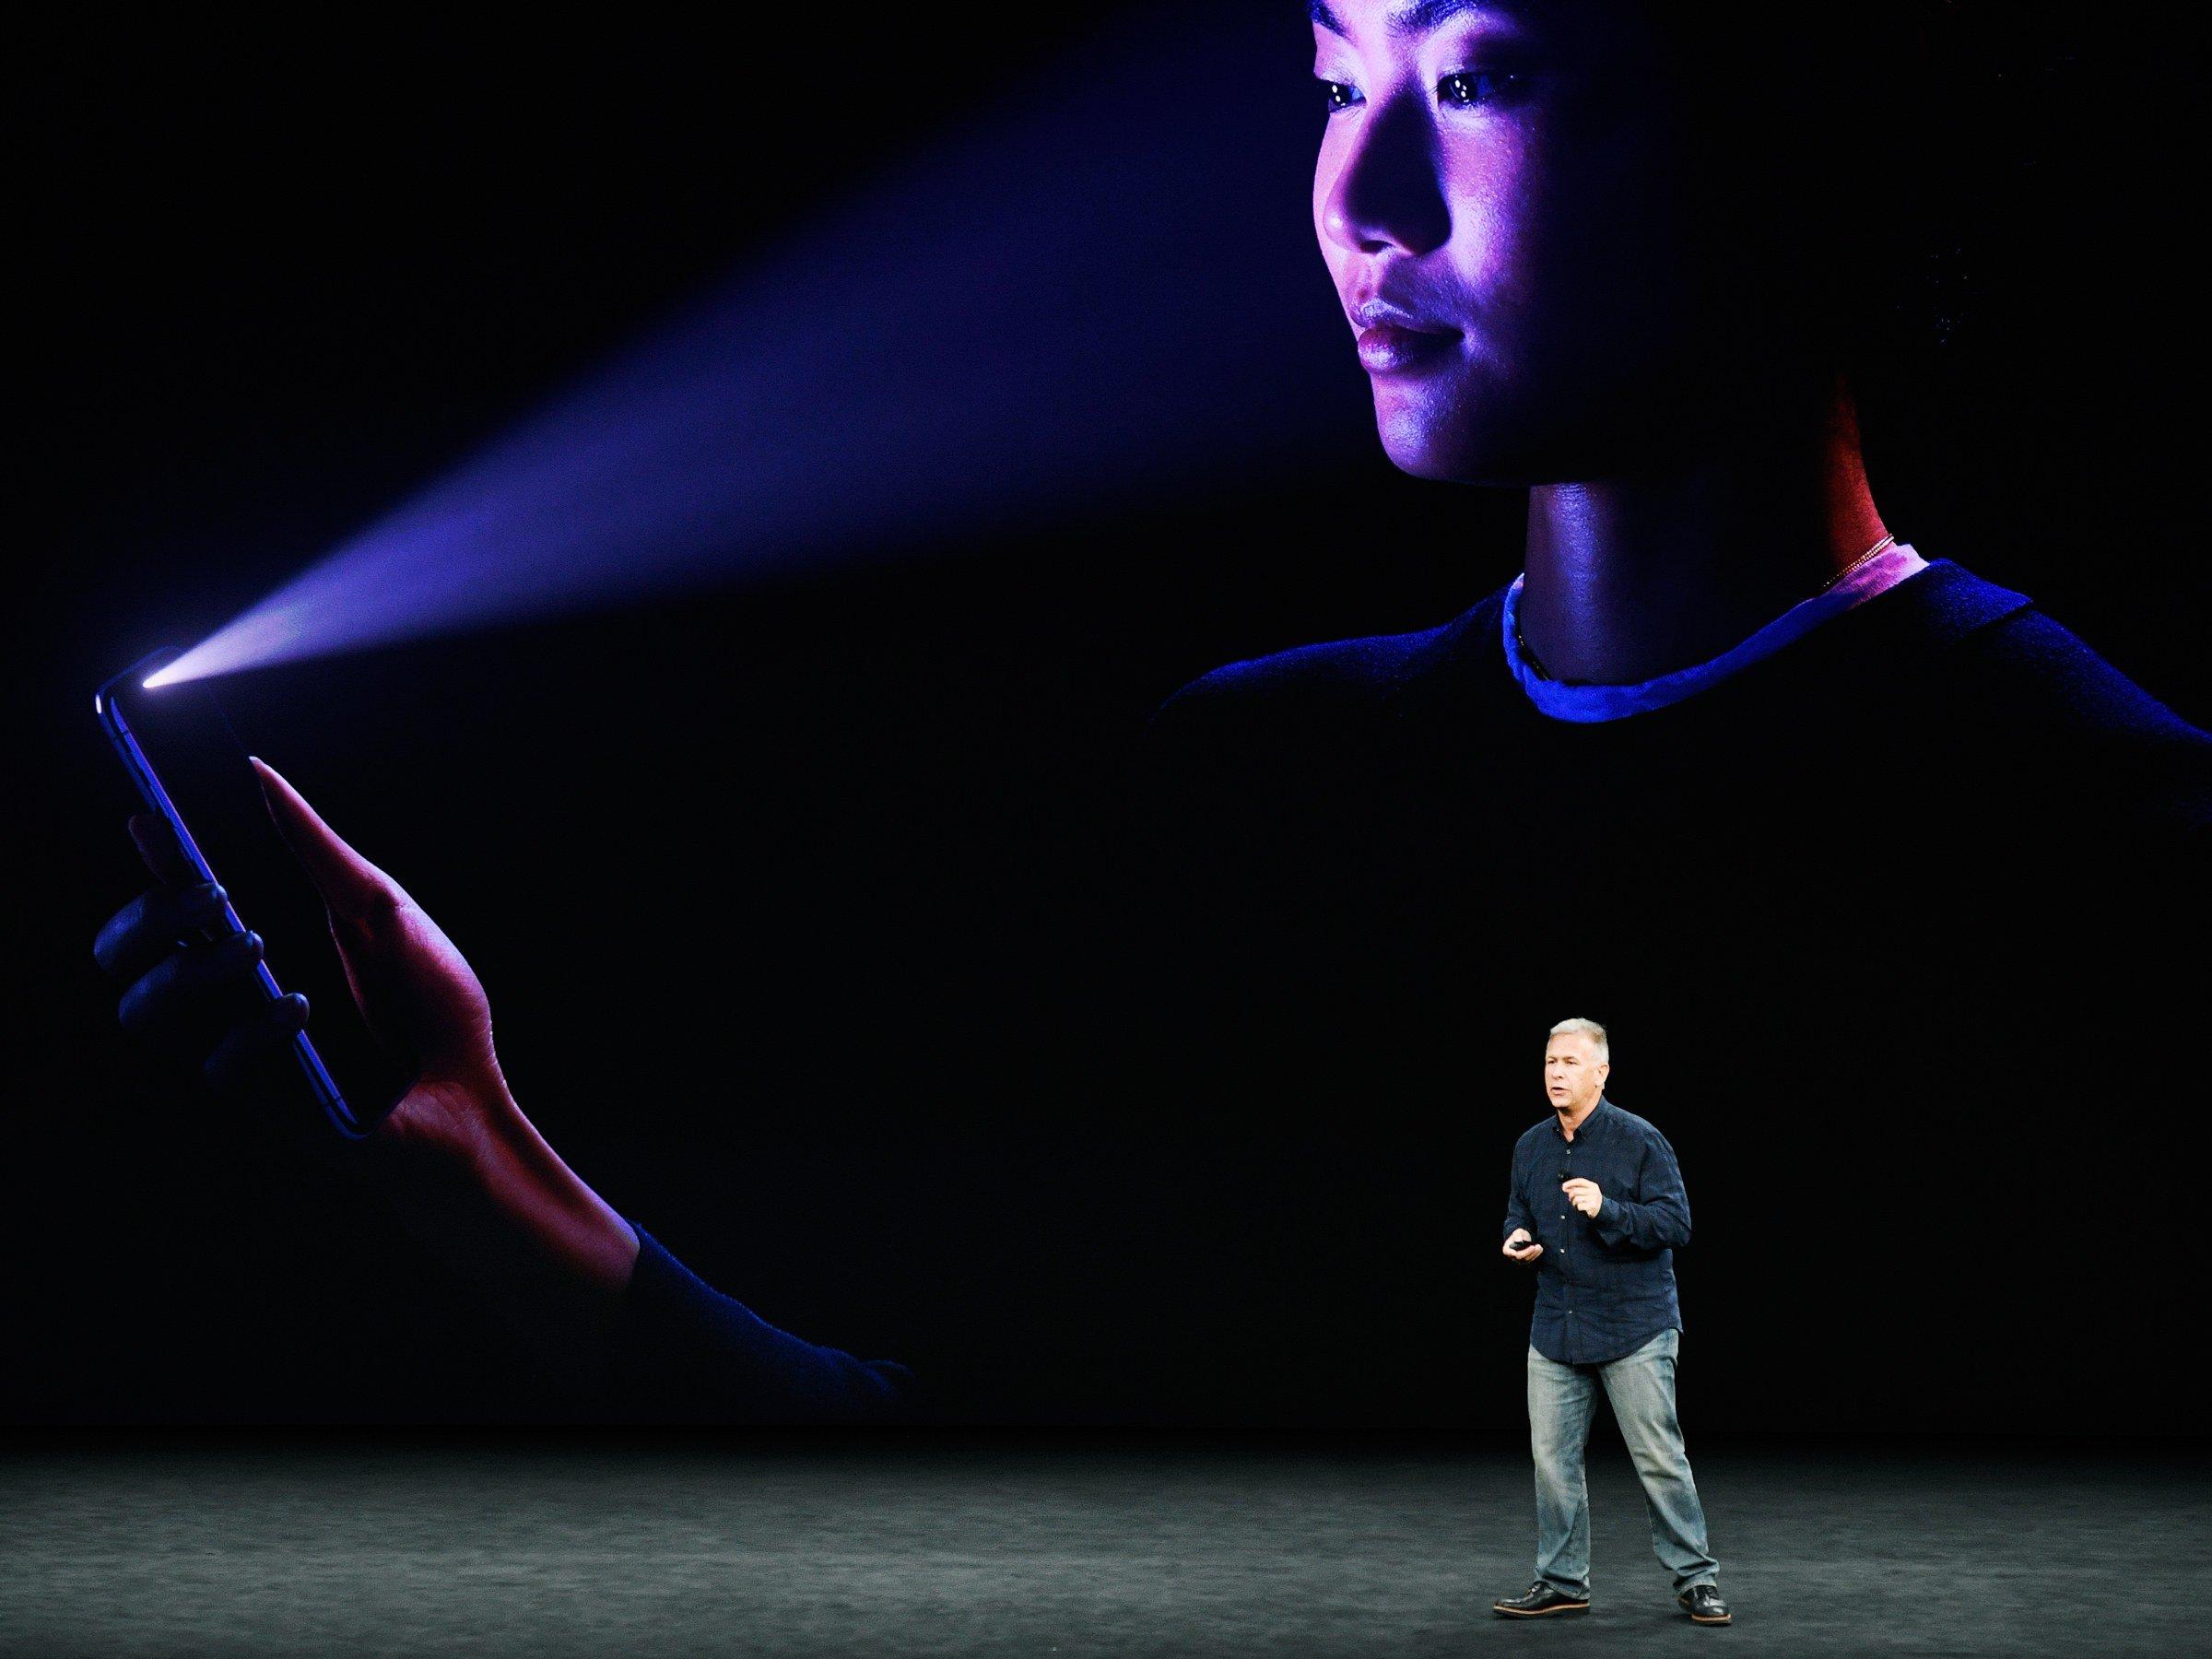 Близнецы из Владимира требуют от Apple 20 млн рублей